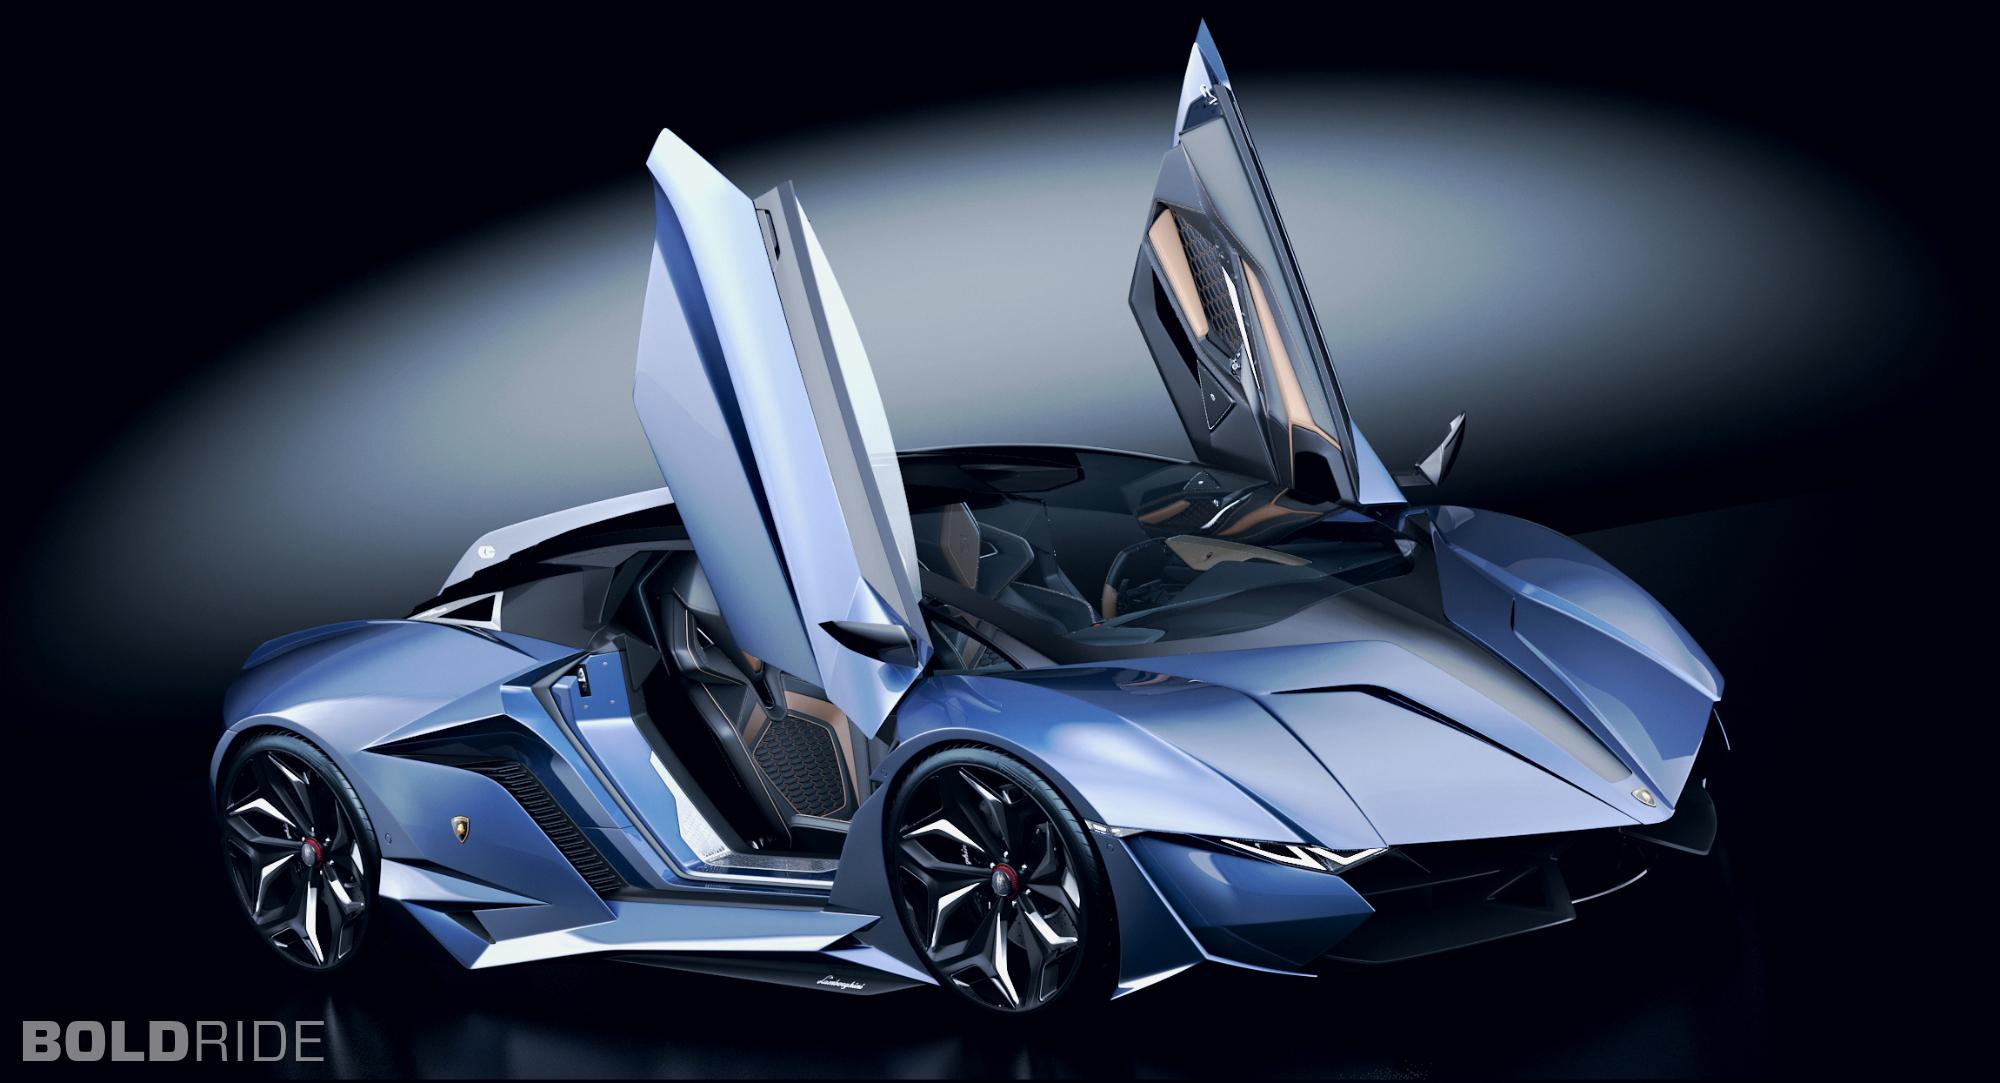 Sports Car Desktop Hd Wallpaper Lamborghini Resonare Concept Wallpaper Hd Car Wallpapers